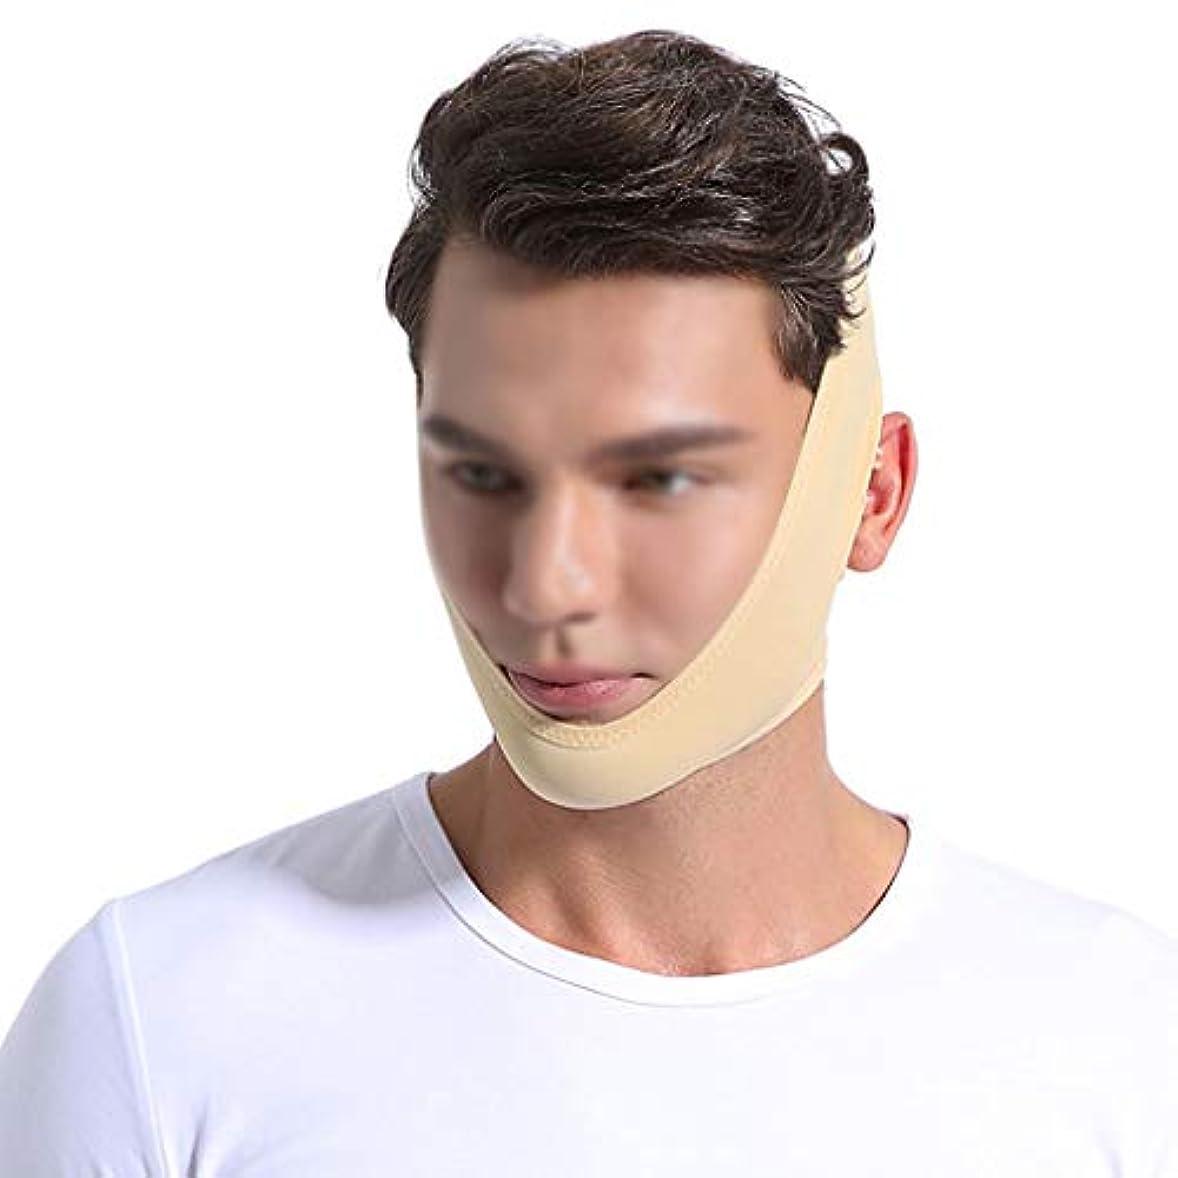 継承期待する危険なXHLMRMJ 医療ワイヤーカービング、男性と女性の顔の弾性包帯ヘッドギア結ばれた小さなV顔薄いフェイスマスクを結んだ後リフティングマスクを再開